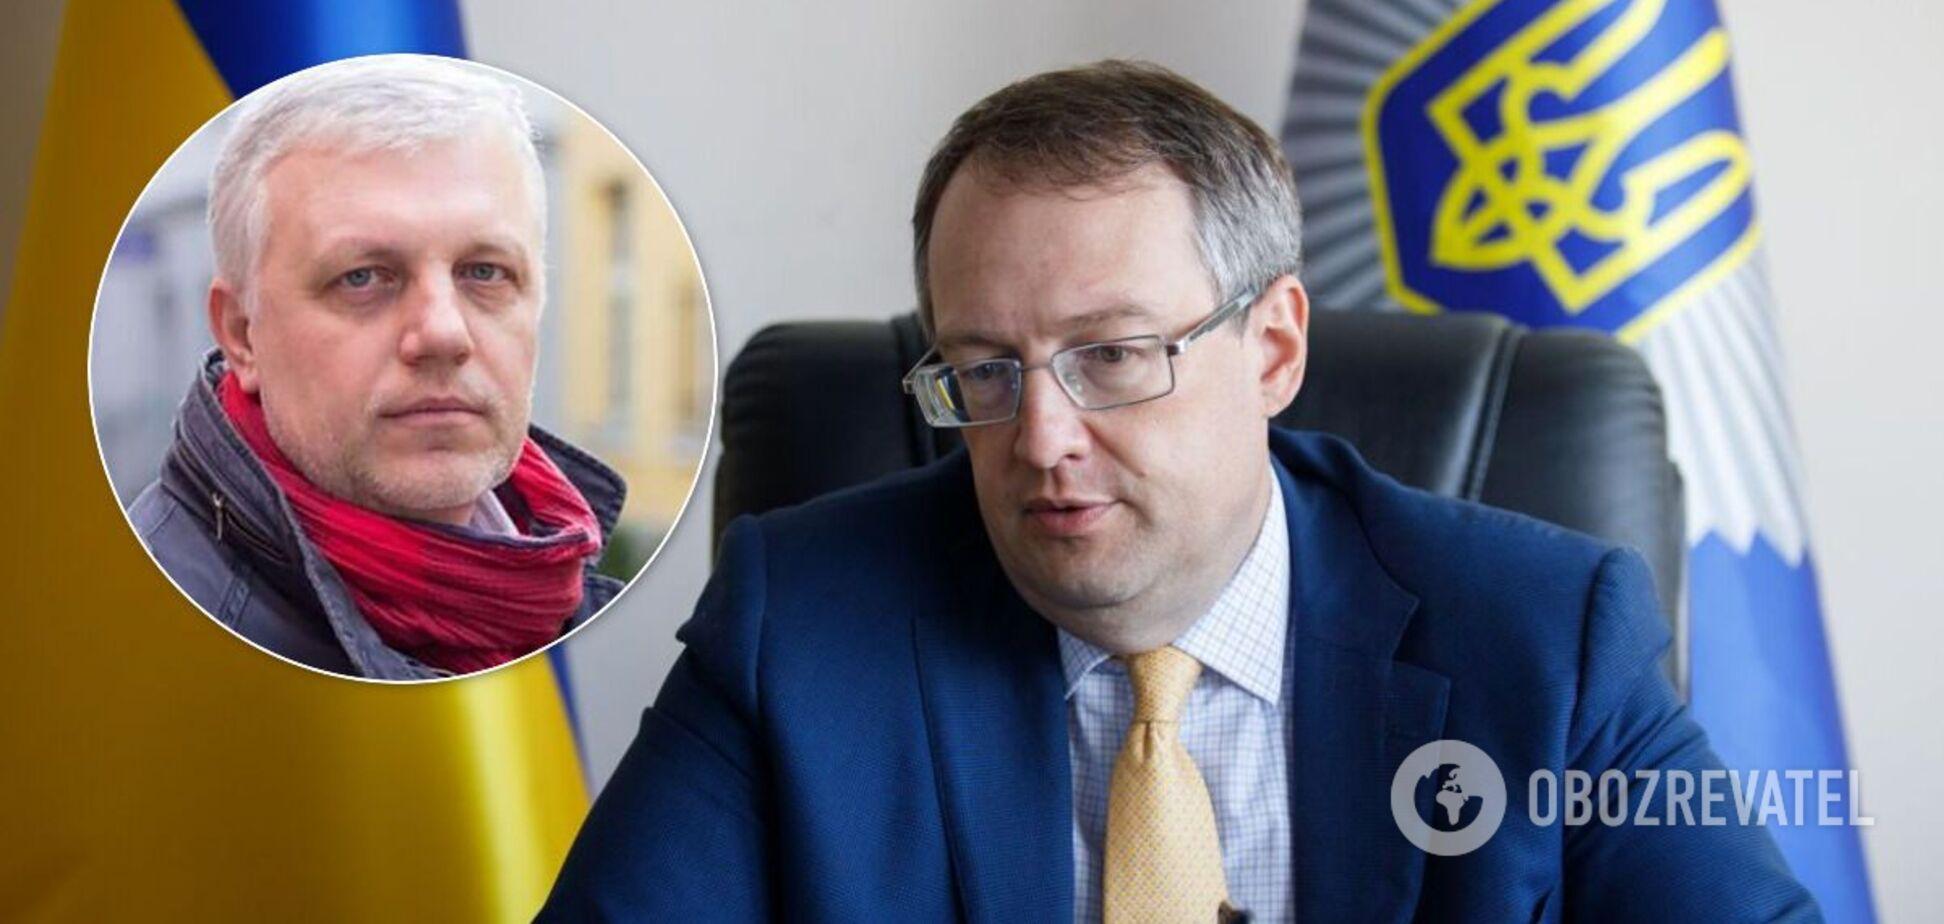 Геращенко розповів, що буде з підозрюваними у вбивстві Шеремета